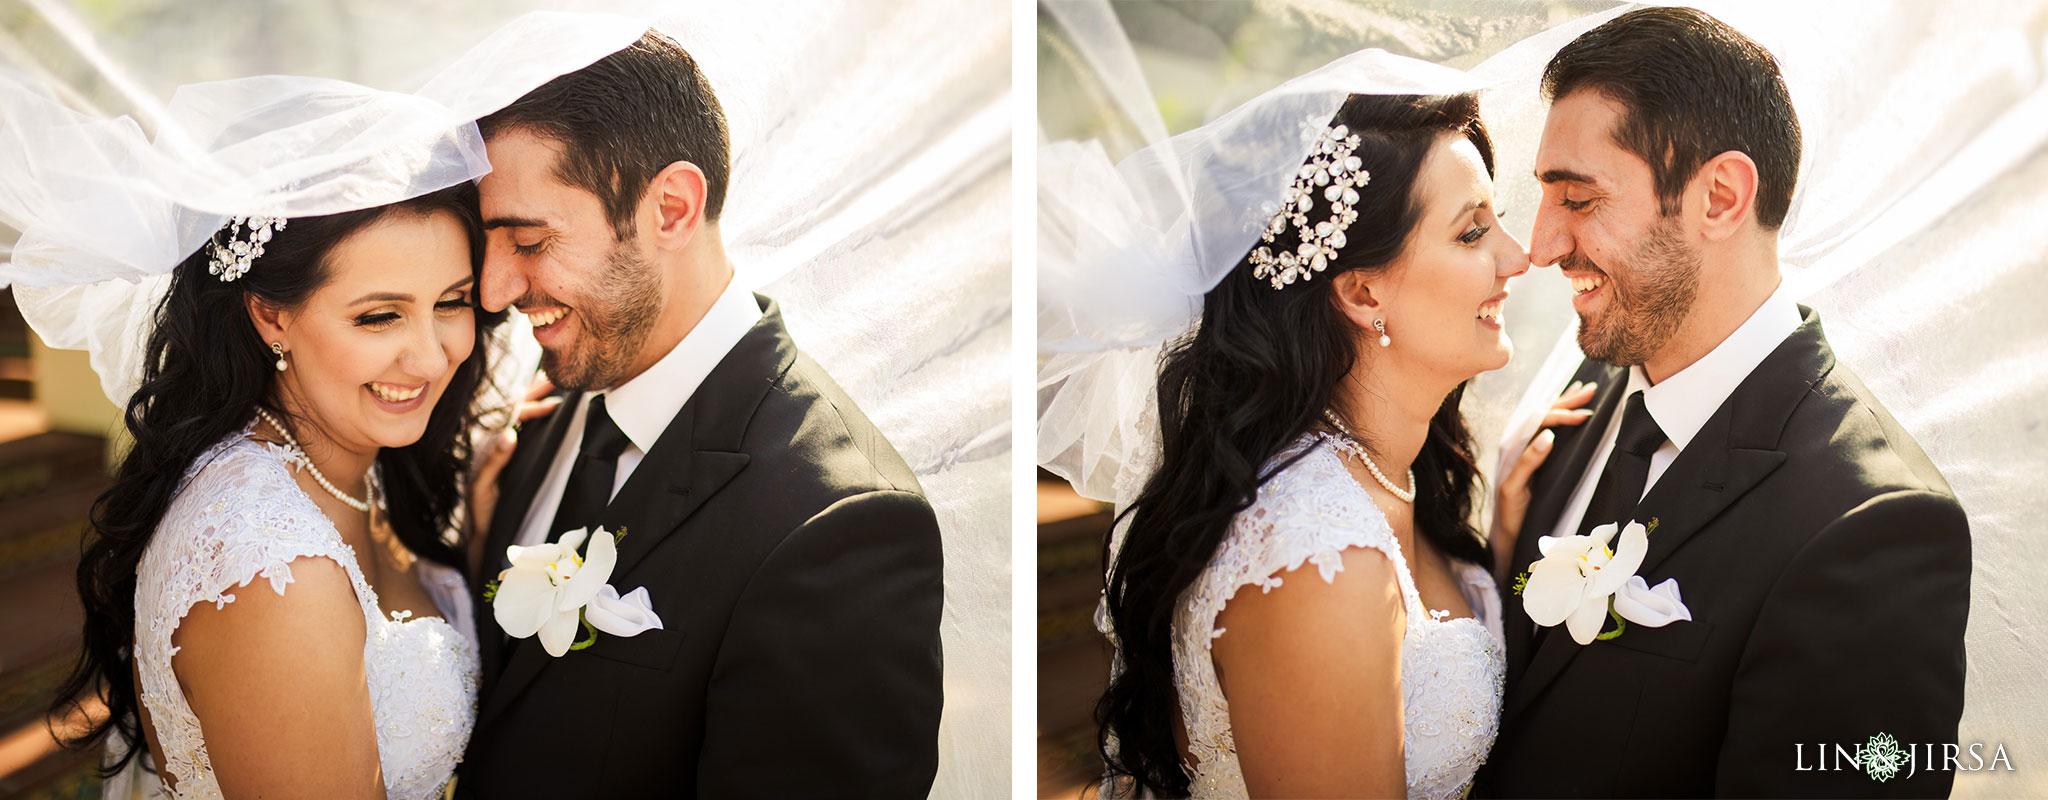 039 estancia la jolla hotel spa persian wedding photography